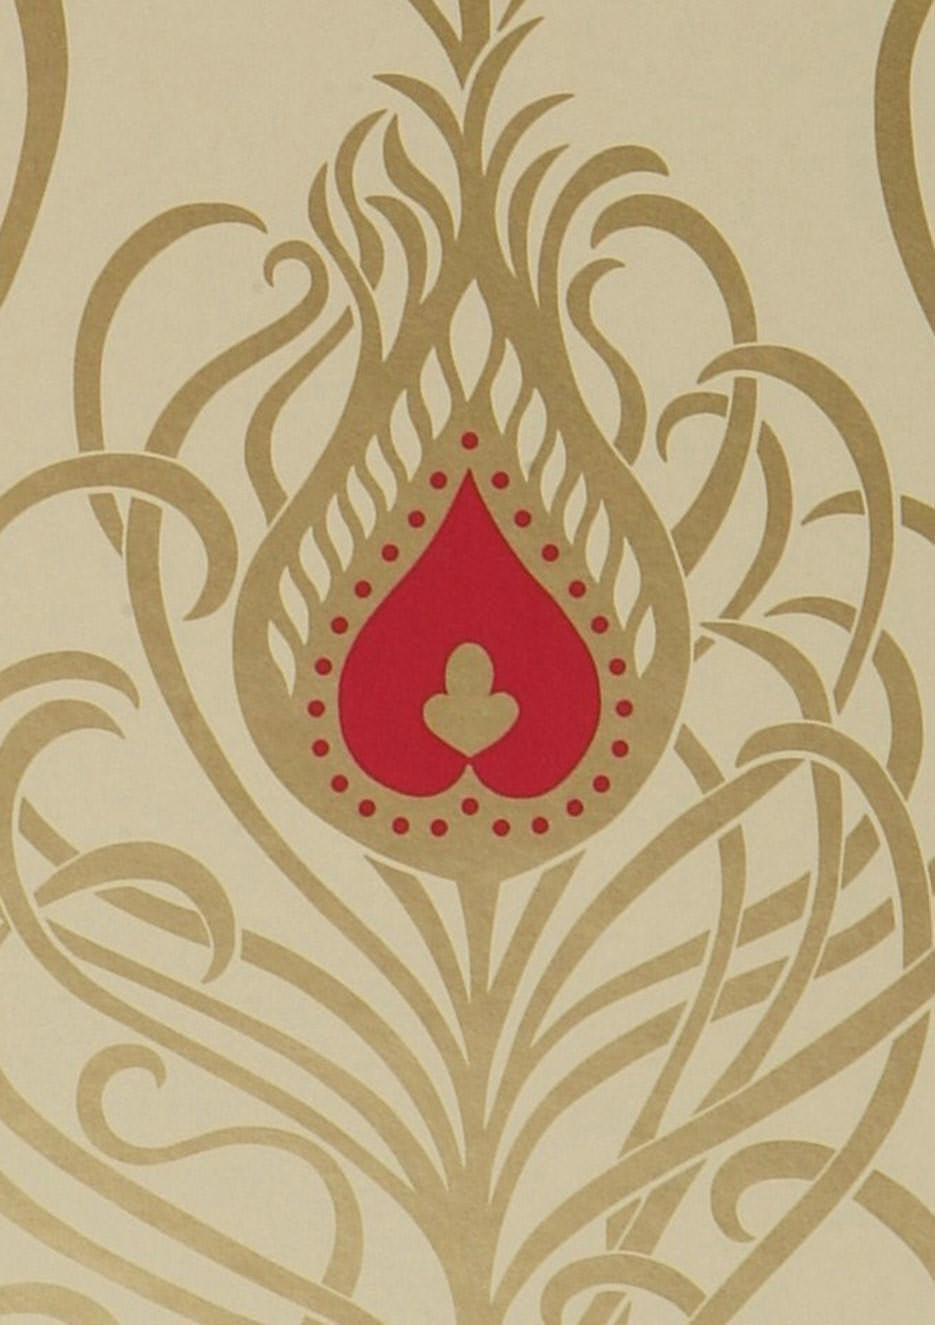 papier peint ivoire clair dor rouge framboise papier peint des ann es 70. Black Bedroom Furniture Sets. Home Design Ideas